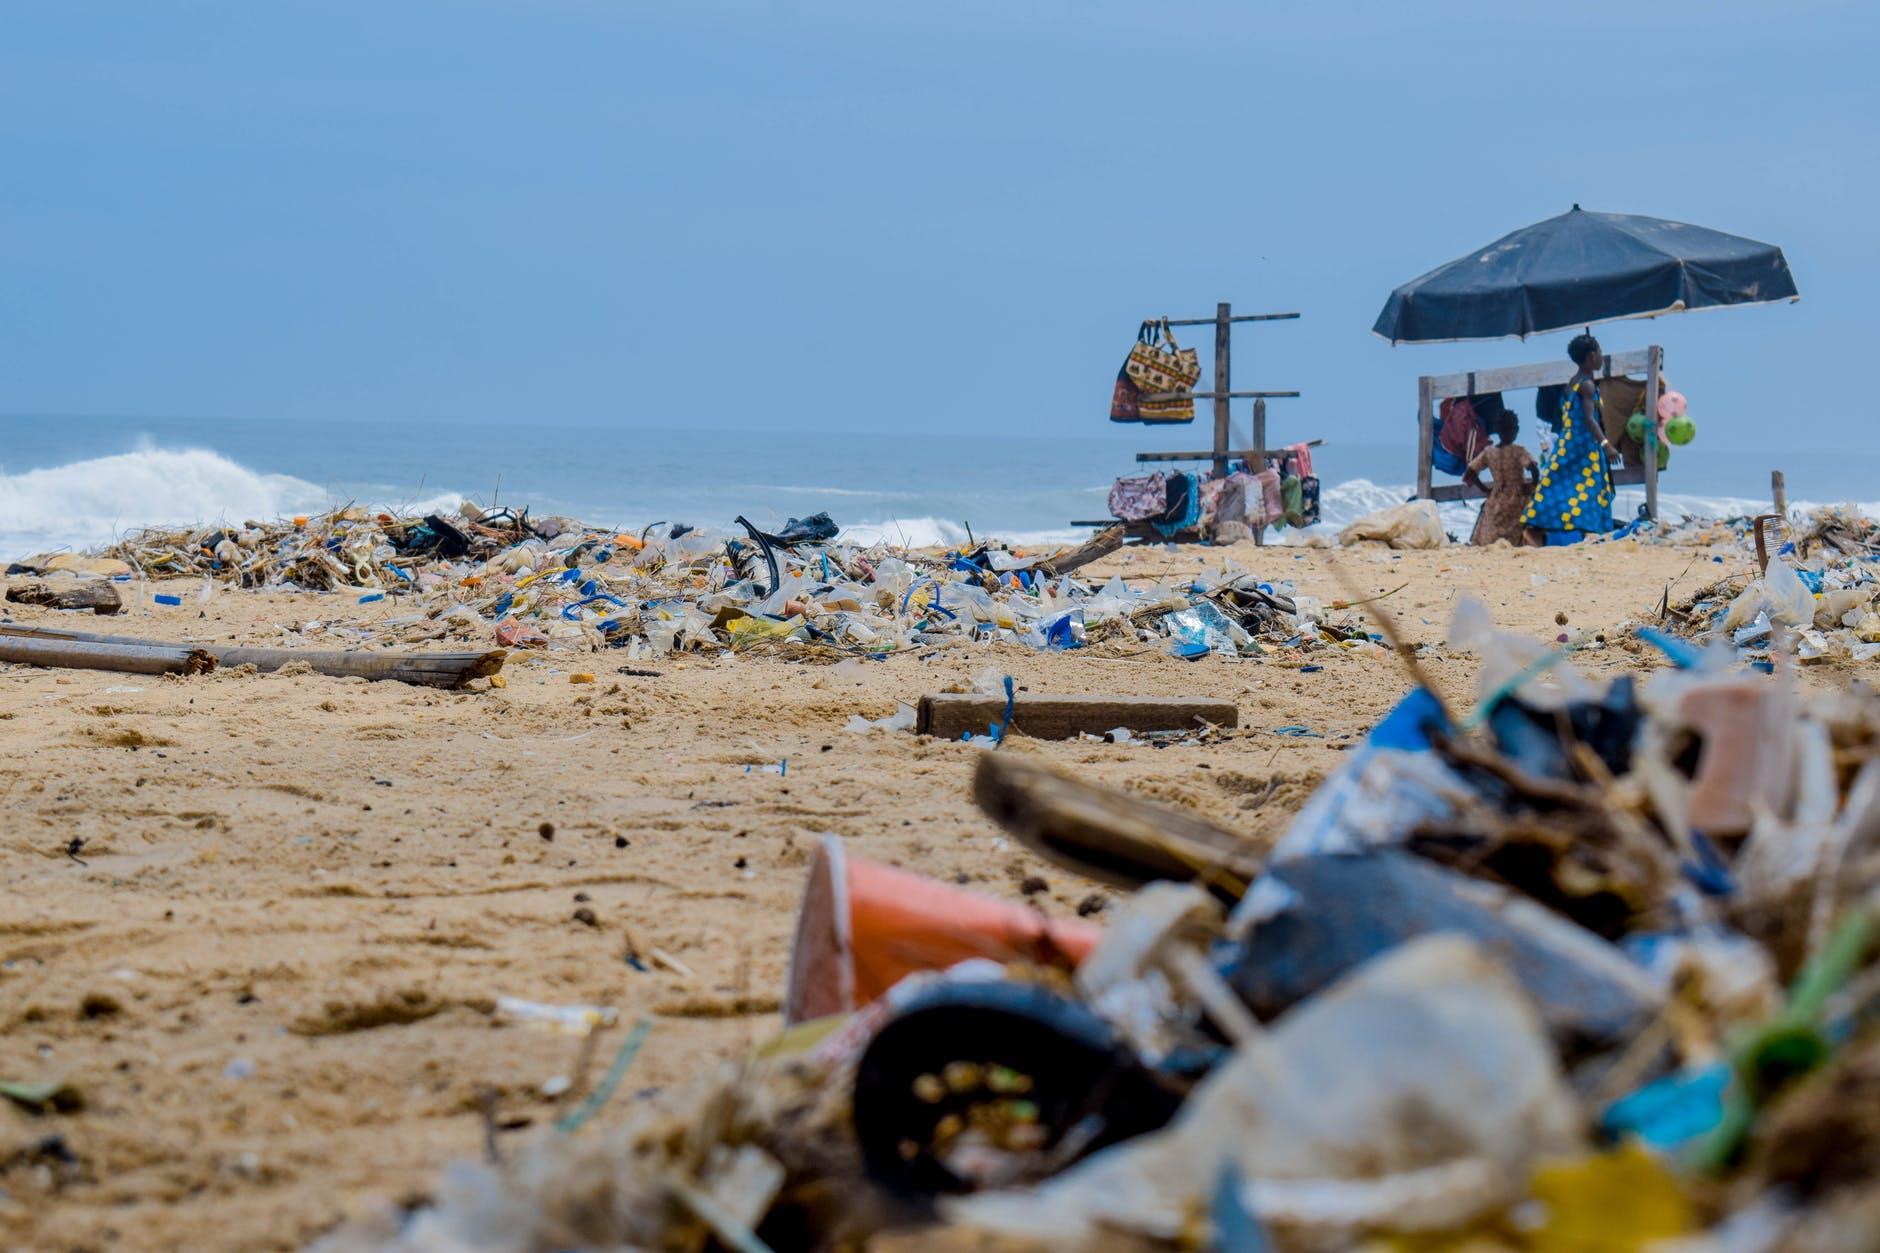 Ein Strand voller Plastikmüll mit zwei afrikanischen Frauen im Hintergrund.